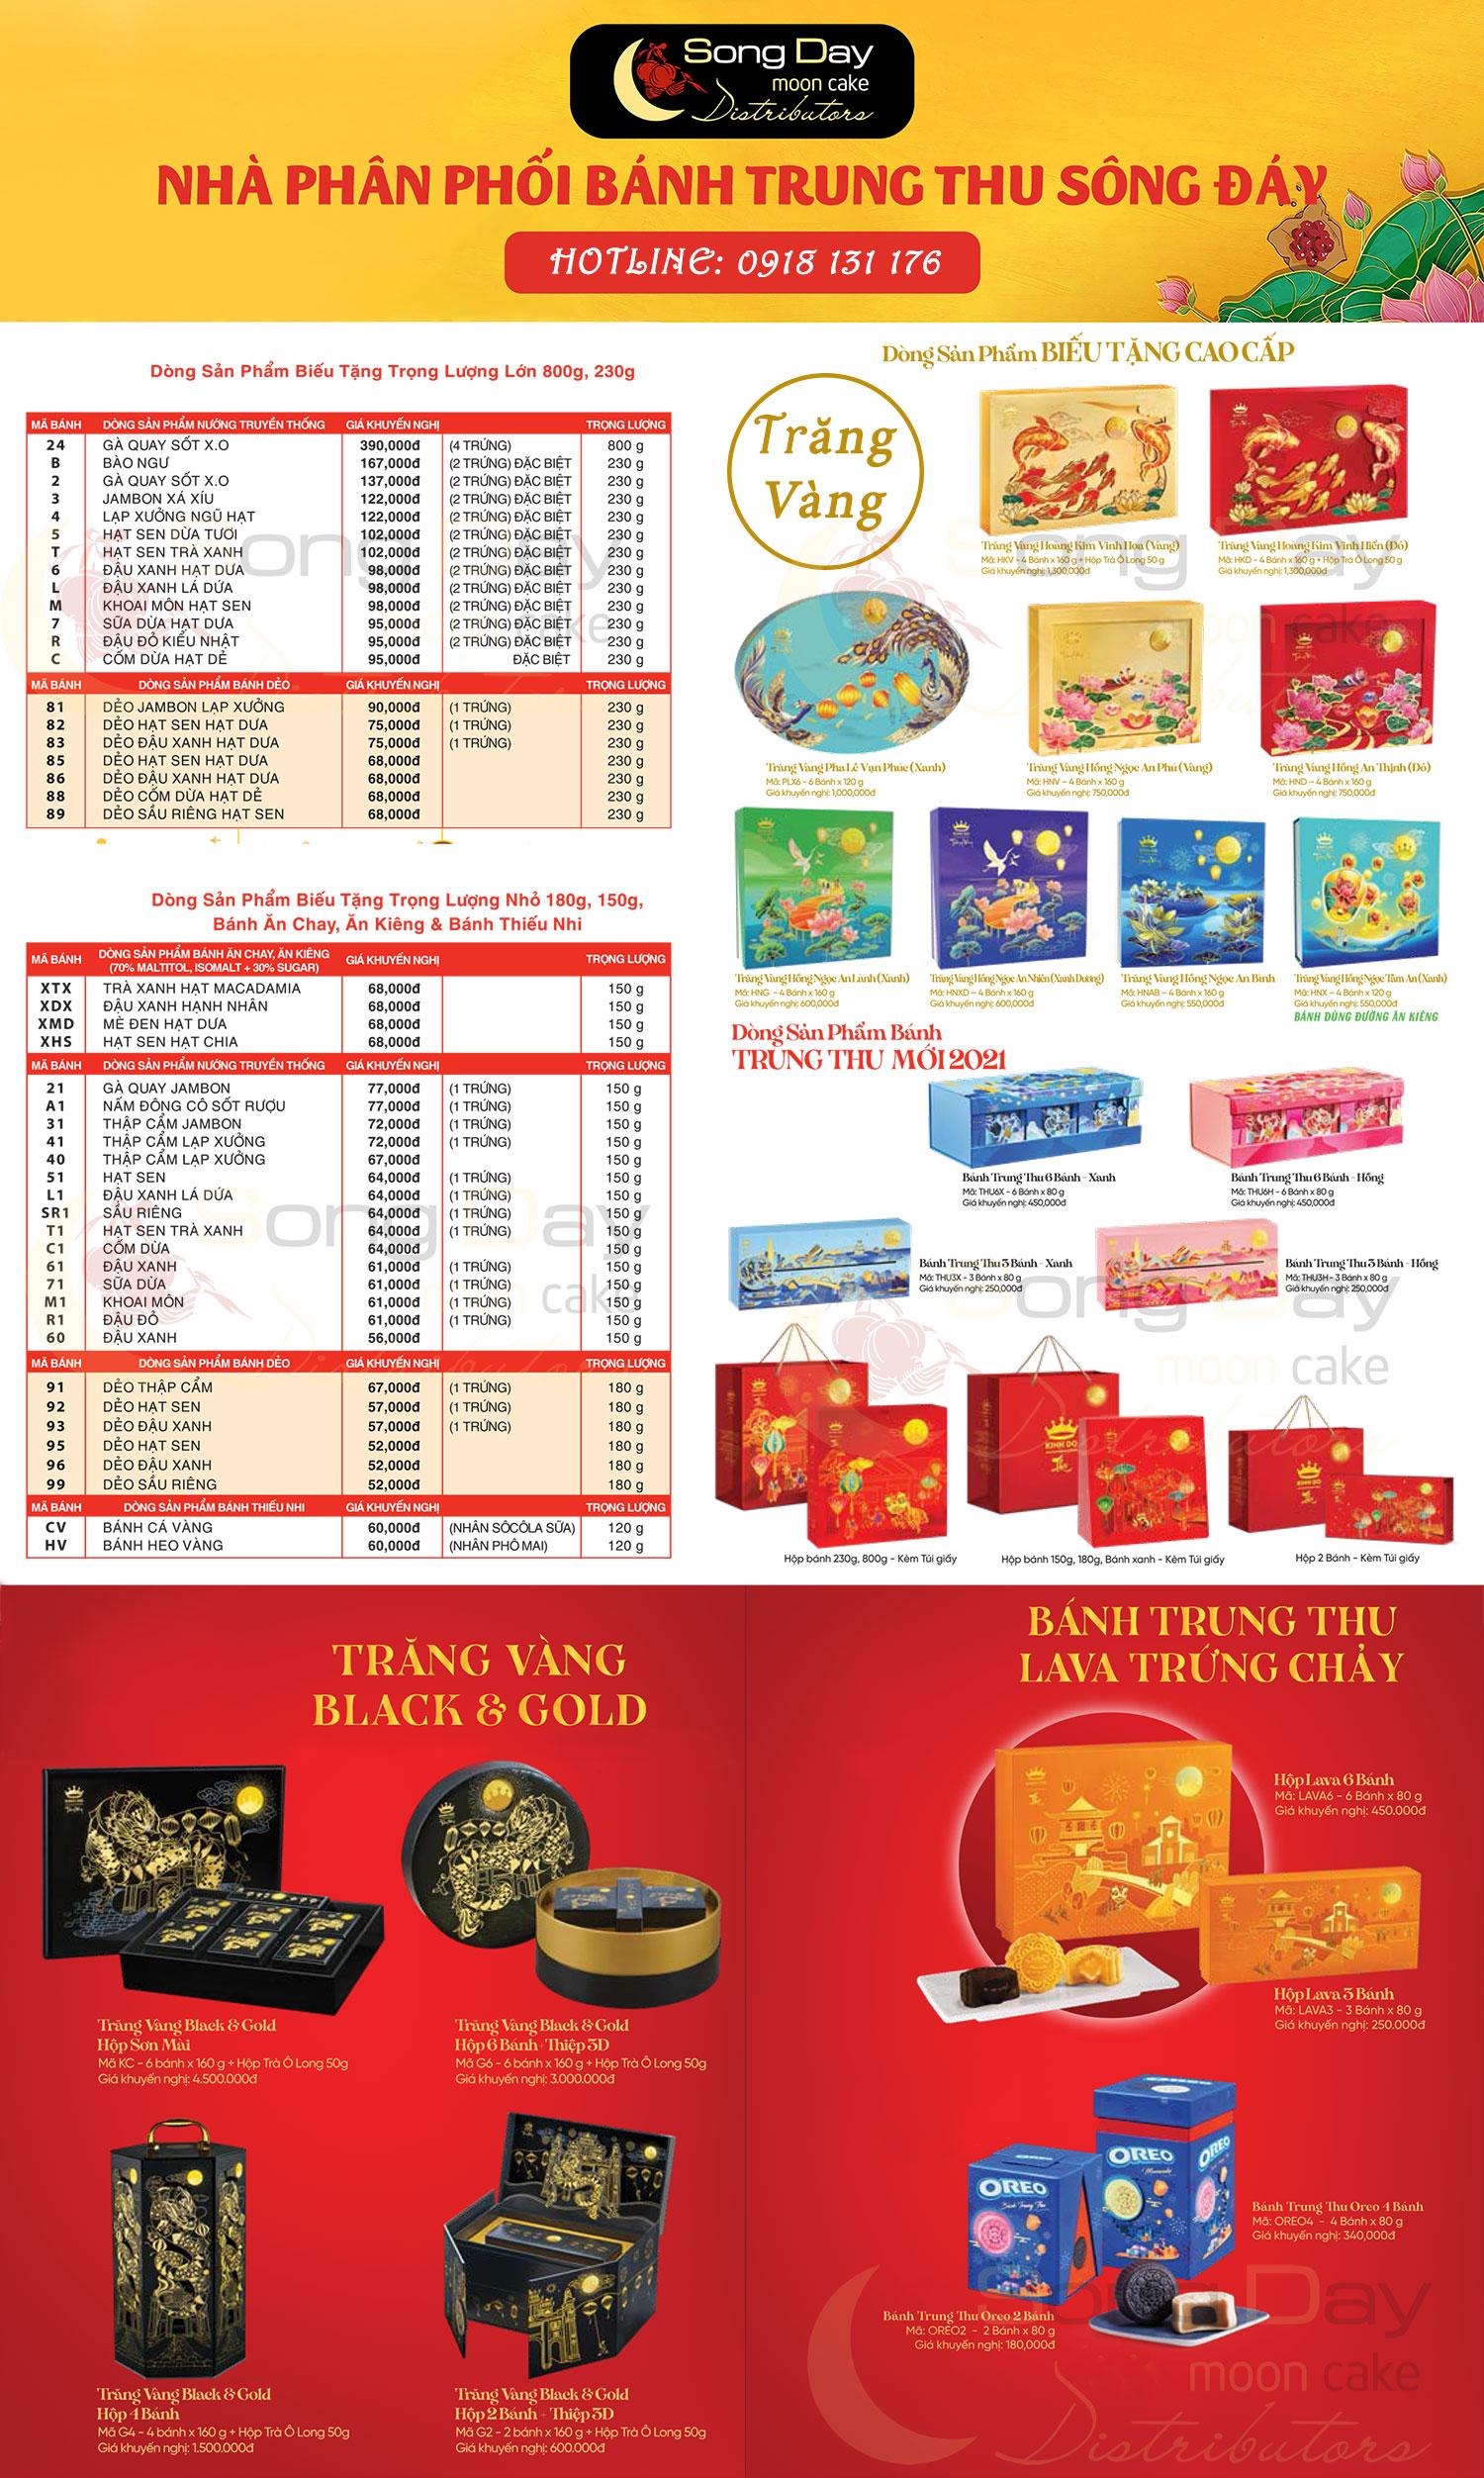 Bảng báo giá bánh trung thu Kinh Đô 2021